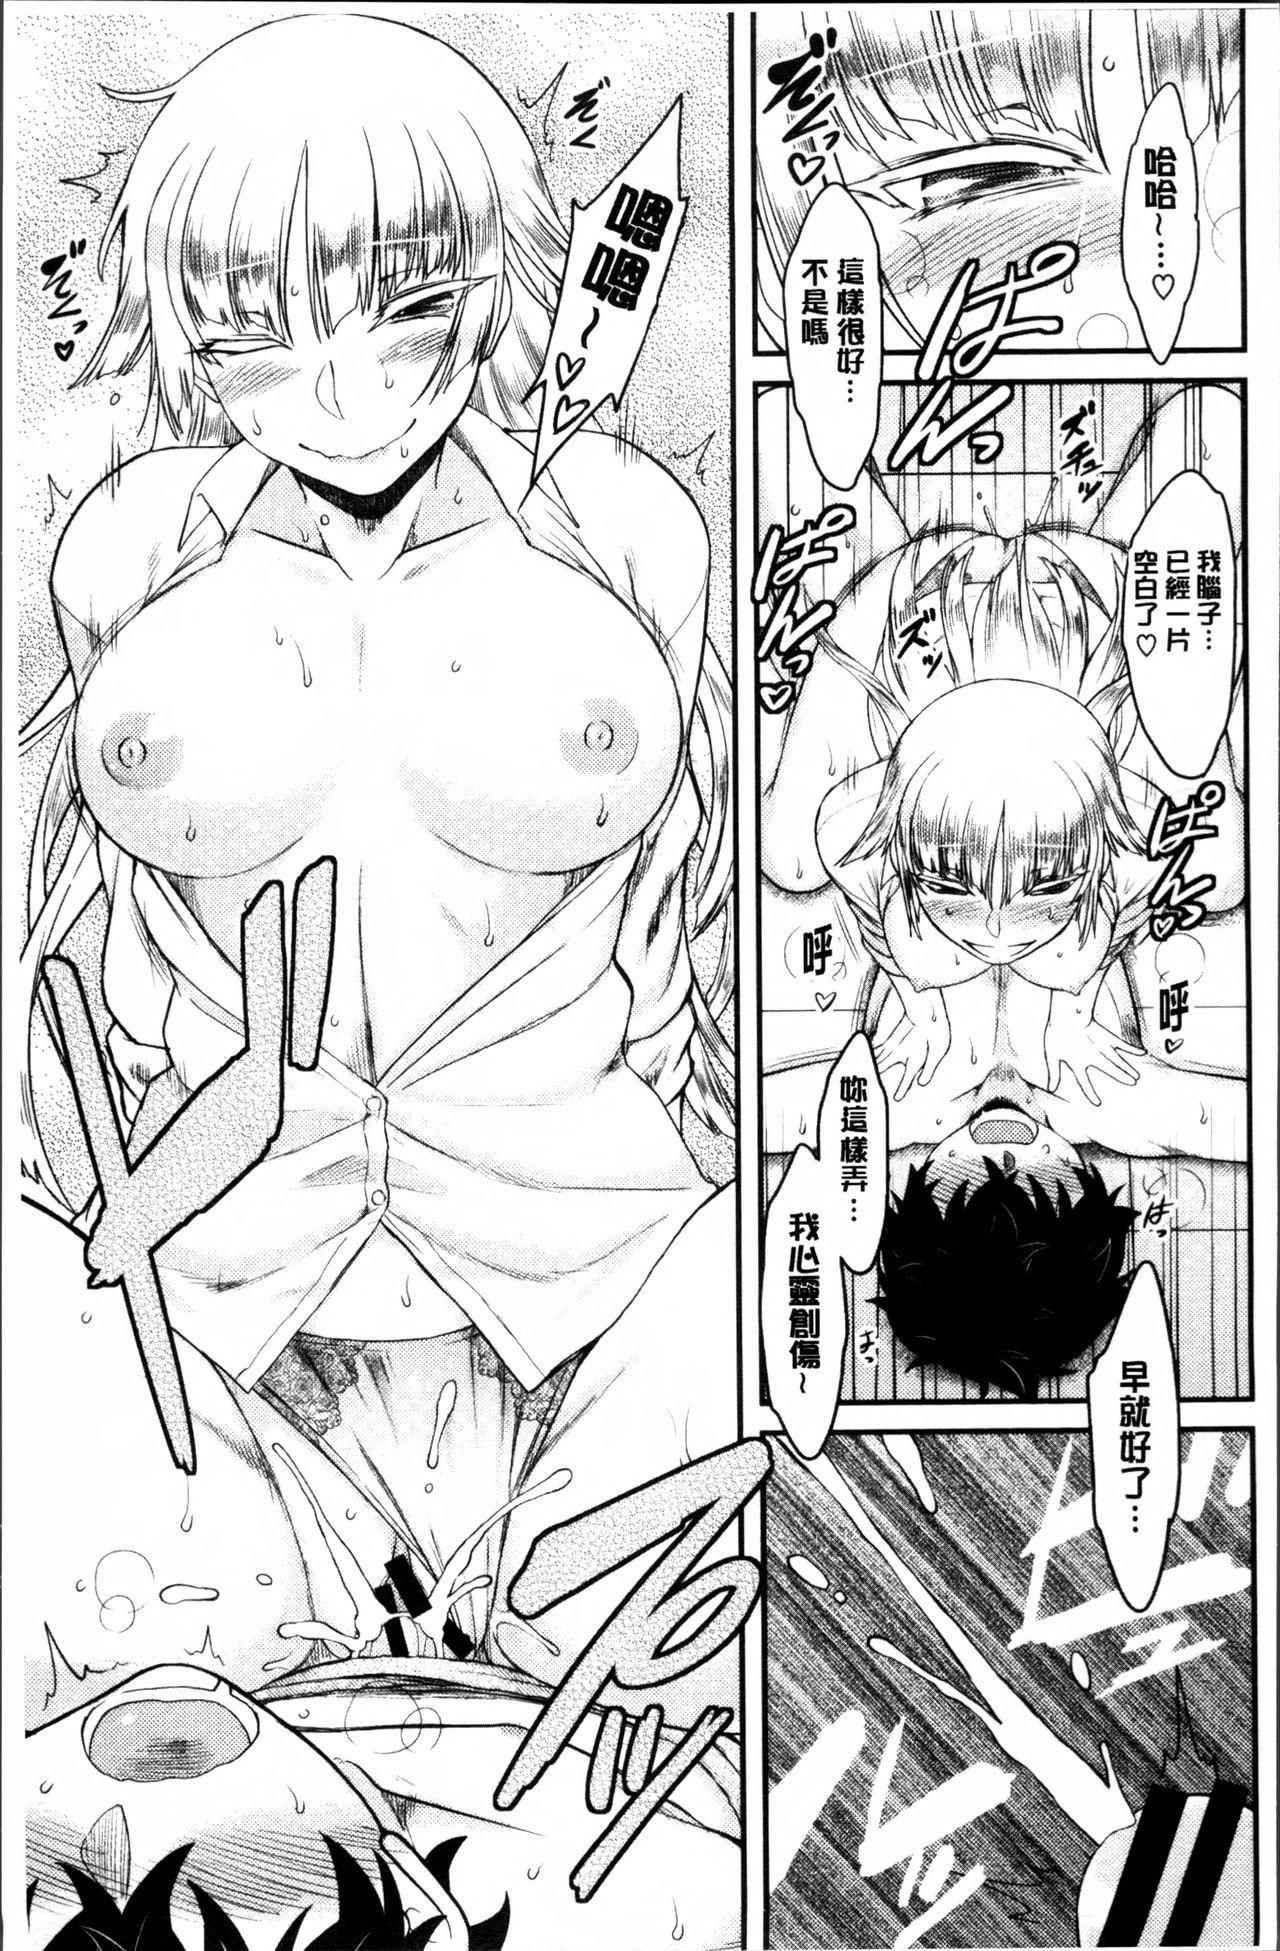 Hatsukoi Splash! 59